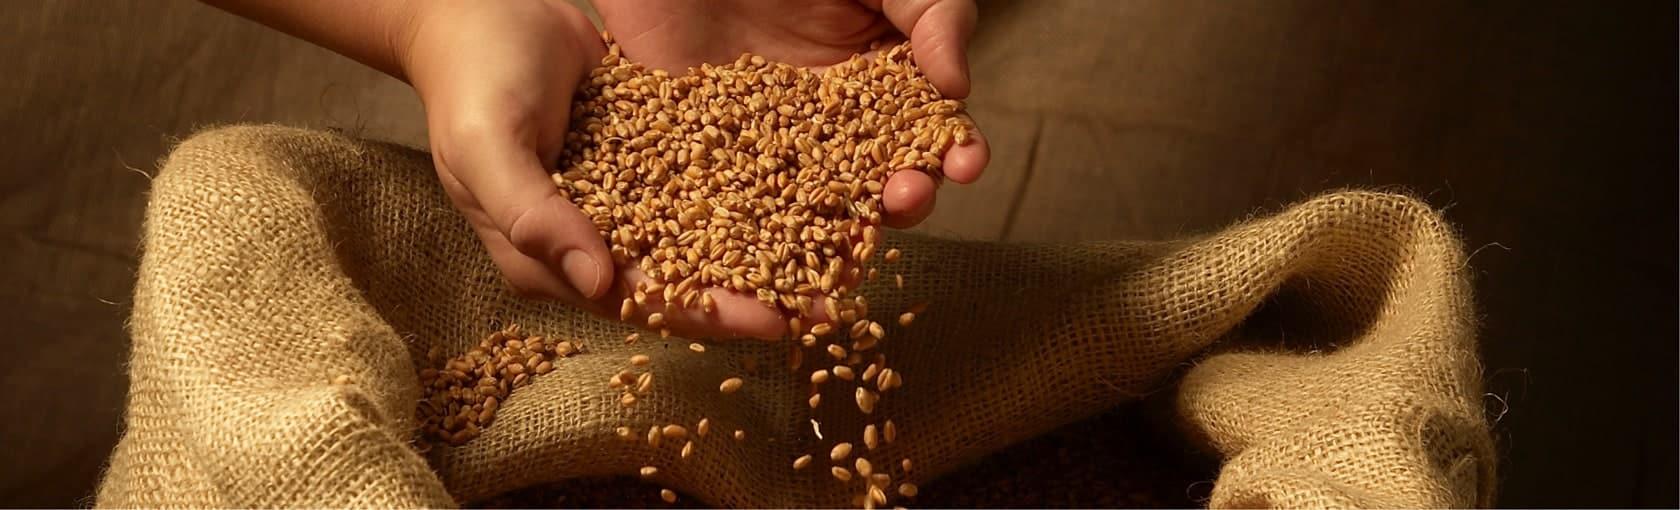 L'analyse du blé et de la farine